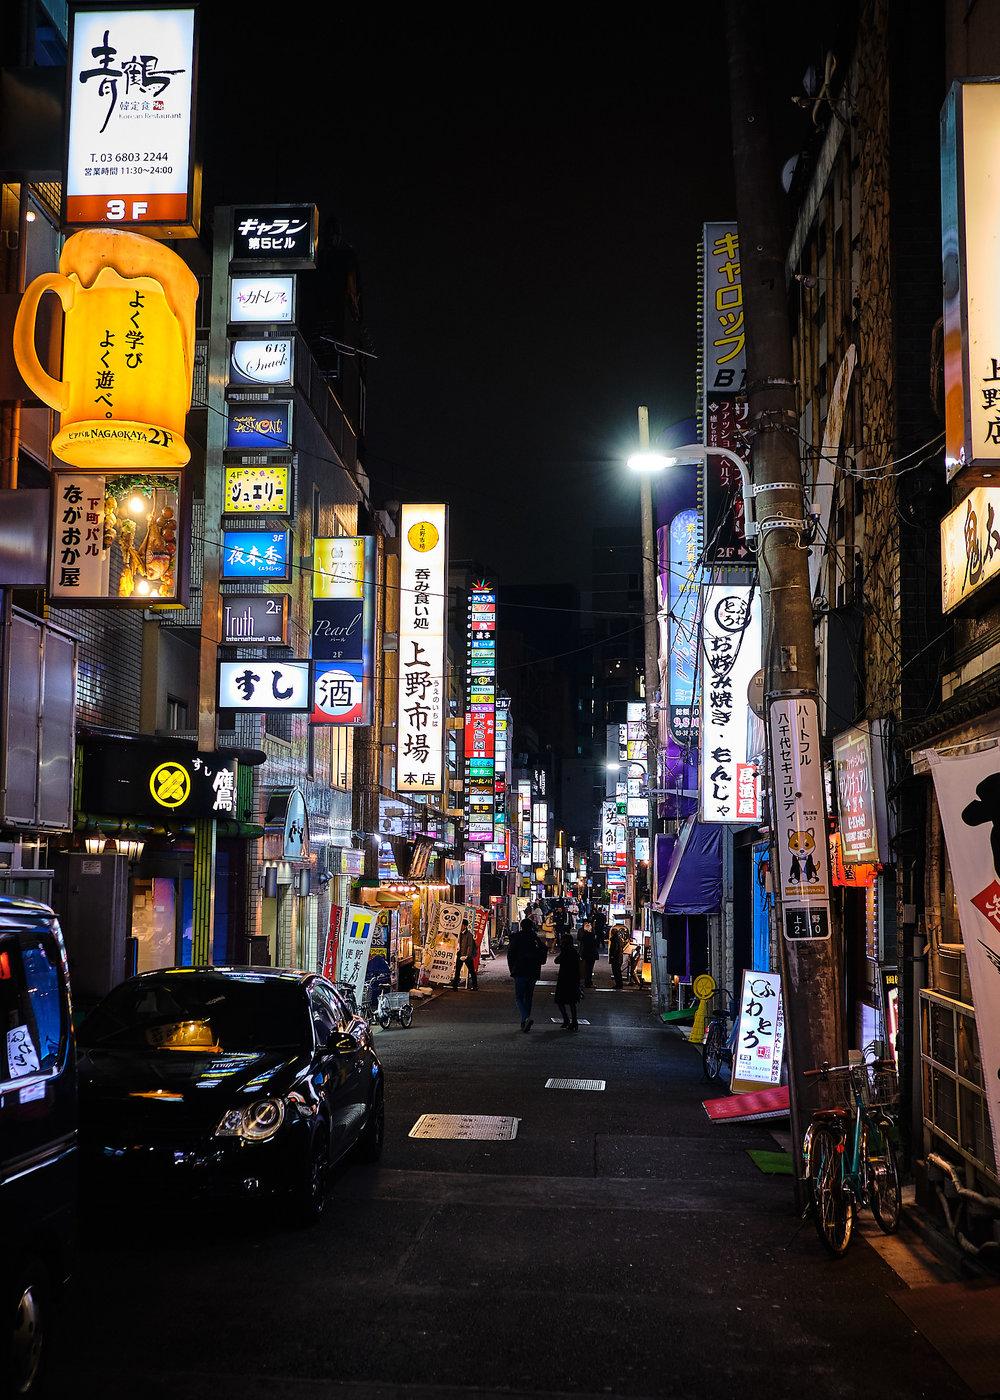 20190227-japan_73.jpg